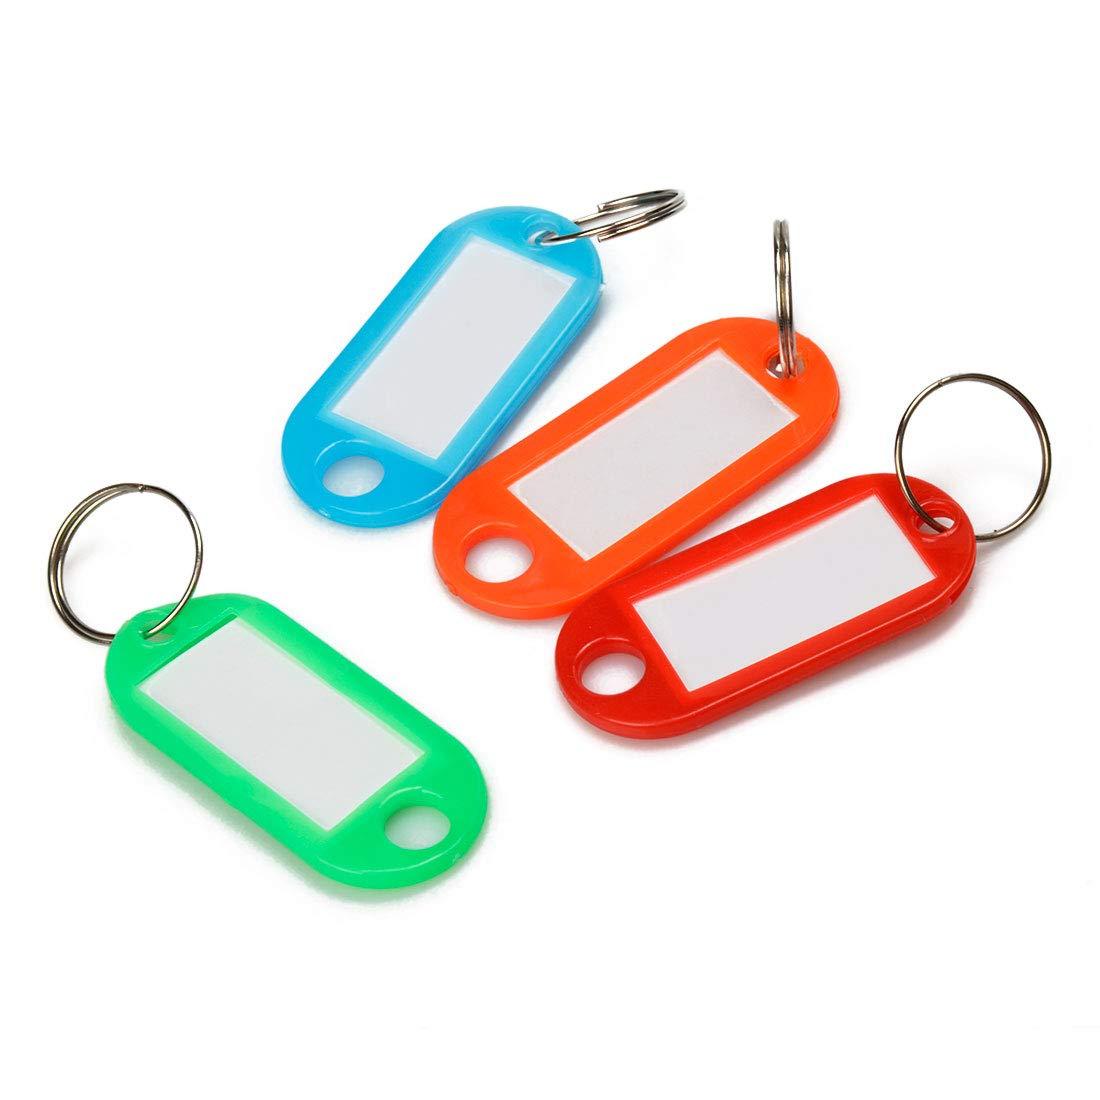 Amazon.com: Etiquetas de plástico para llaves con ventana ...